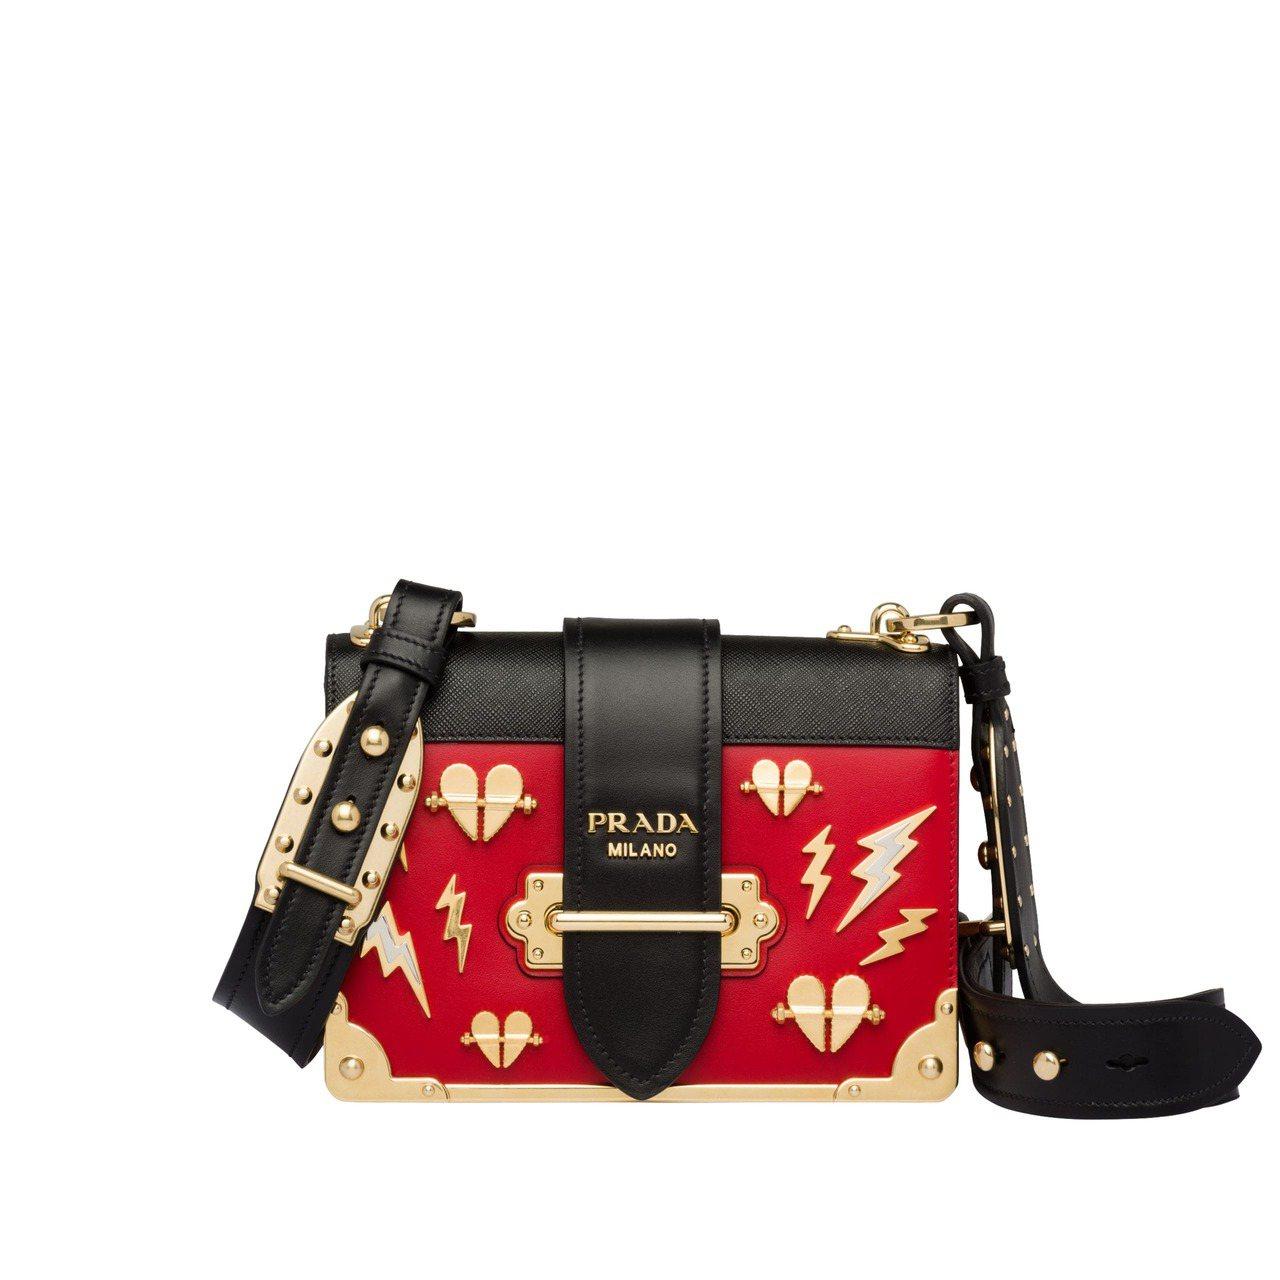 Cahier紅色愛心閃電裝飾肩背包,10萬3,000元。圖/PRADA提供